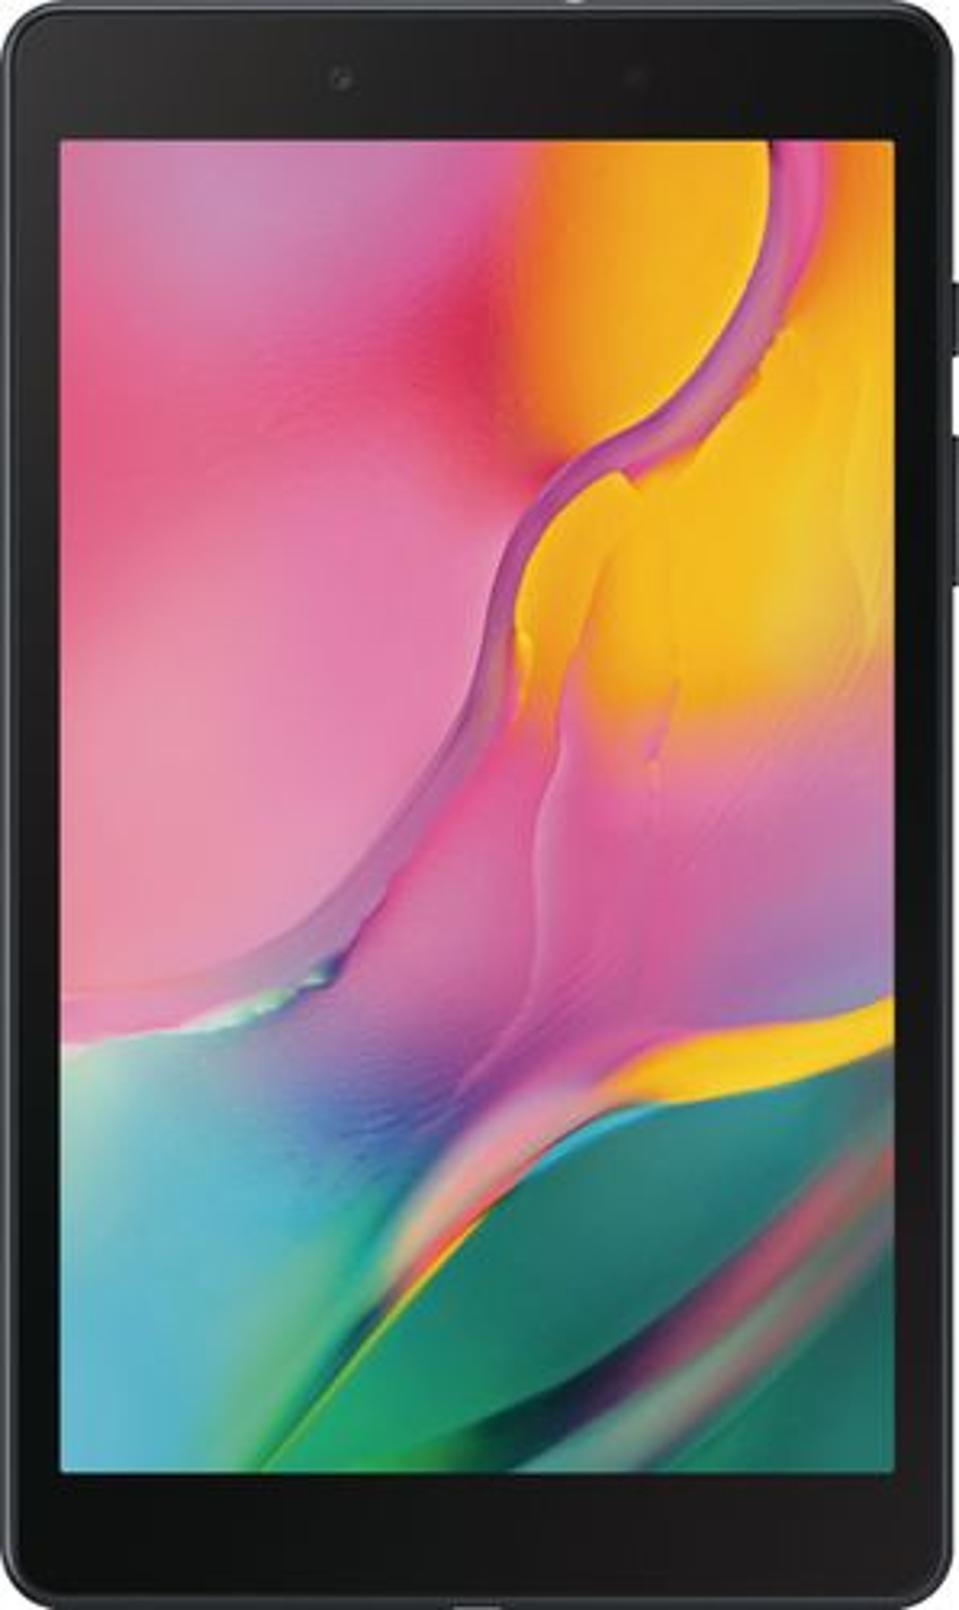 Samsung - Galaxy Tab A (2019) - 8″ - 32GB - Black